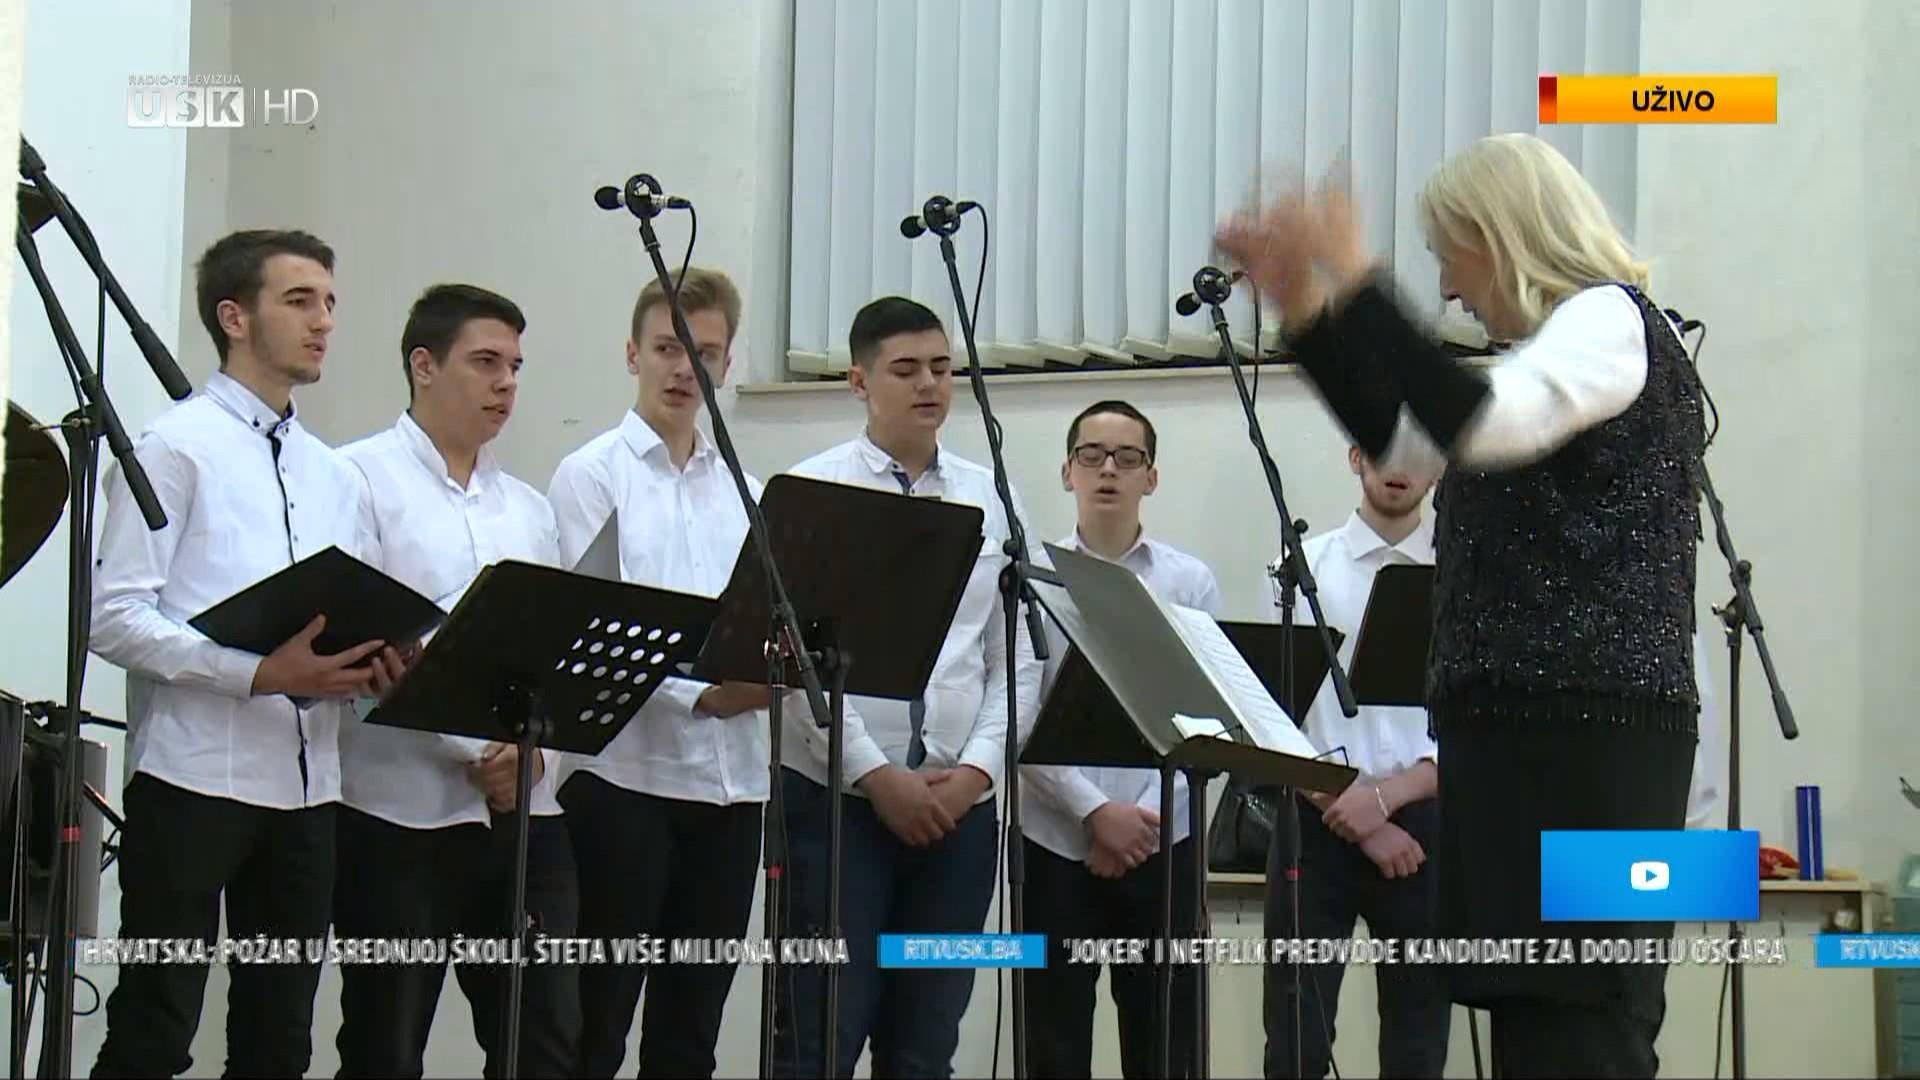 NEDJELJOM ZAJEDNO - Hor Bel Canto - Stand by me